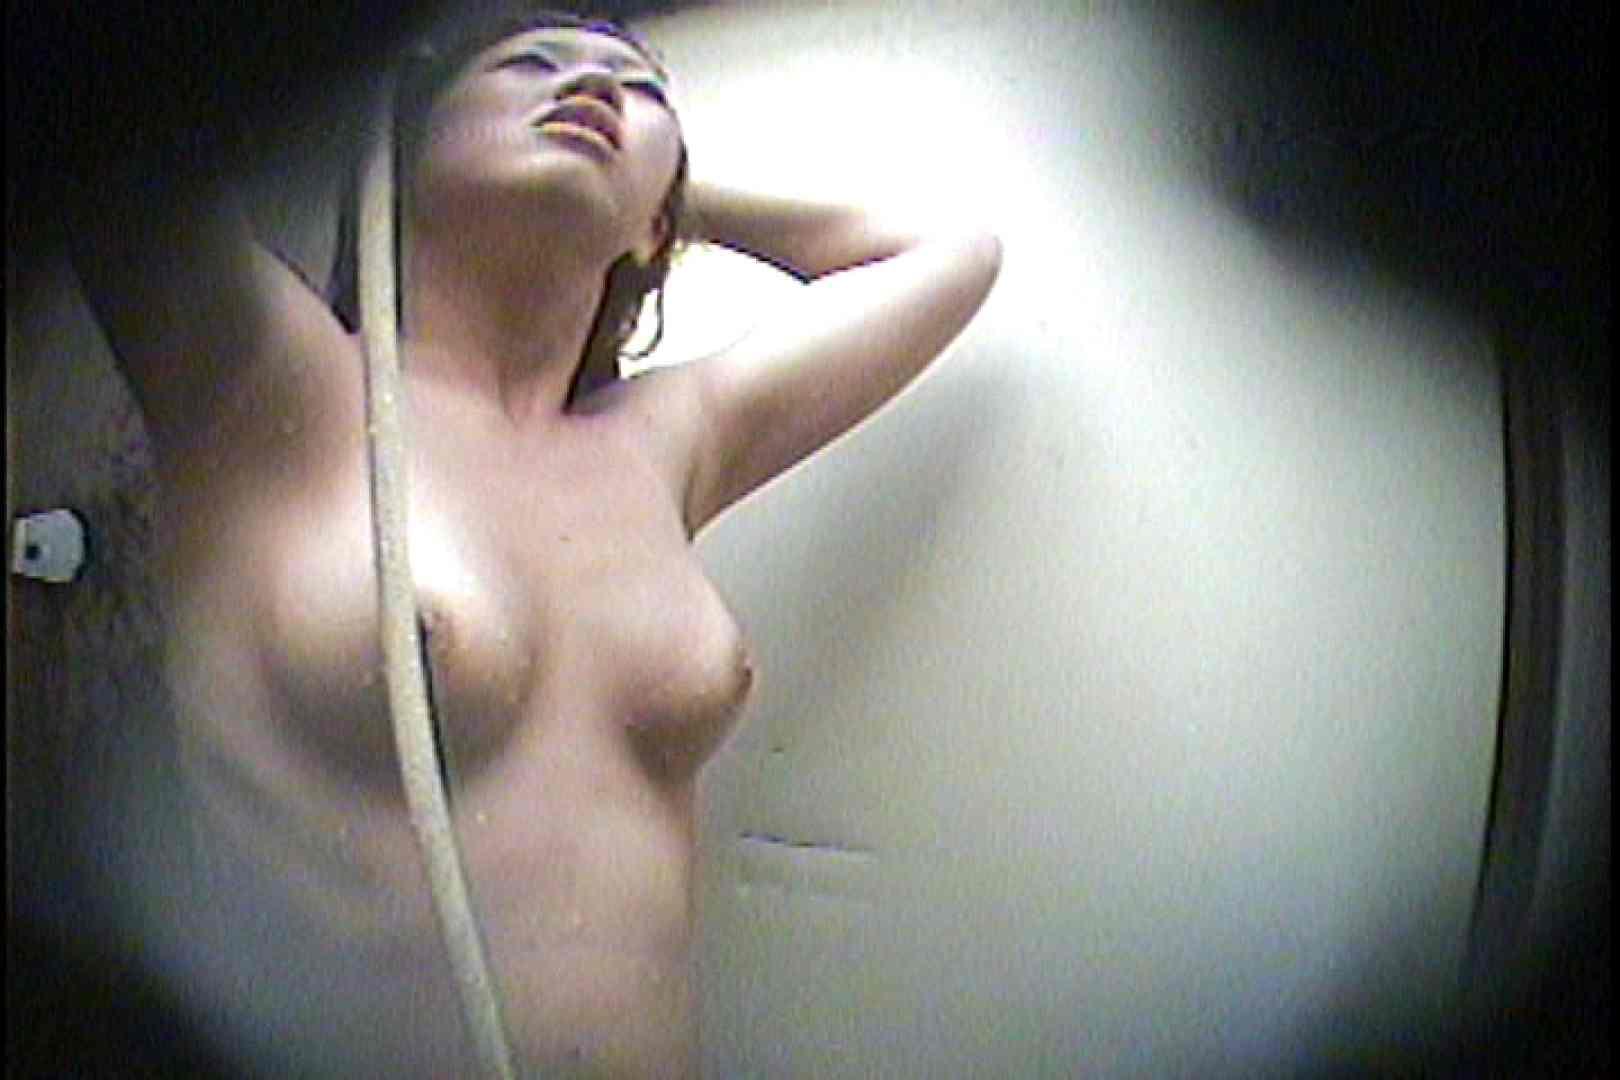 海の家の更衣室 Vol.21 OLのボディ   シャワー  99PIX 46